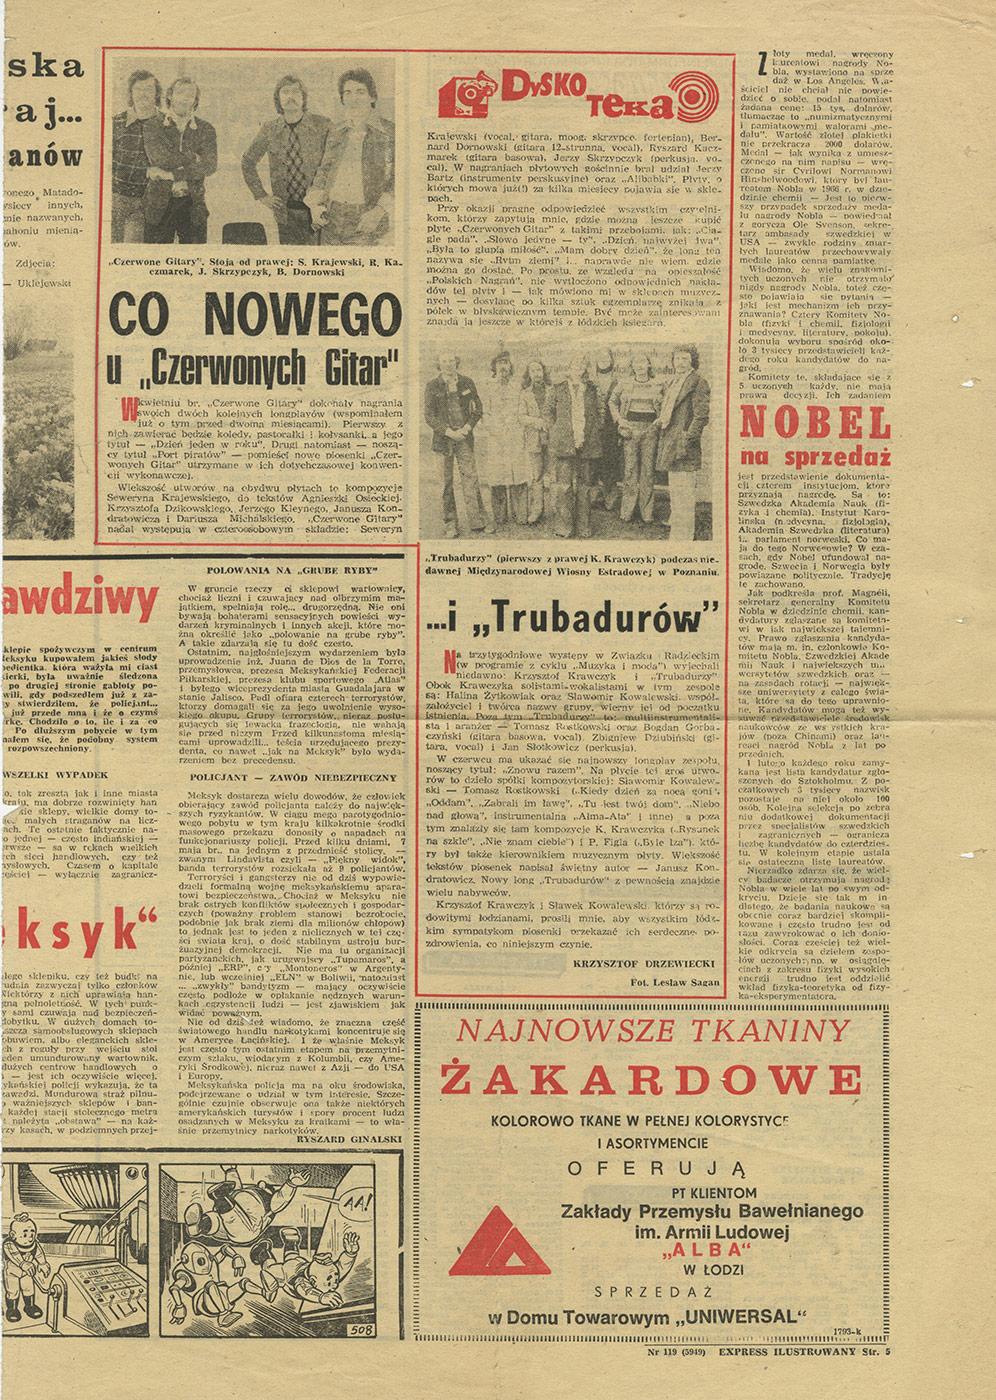 1969-1978_Dyskoteka_1976_co_nowego_u_CzG